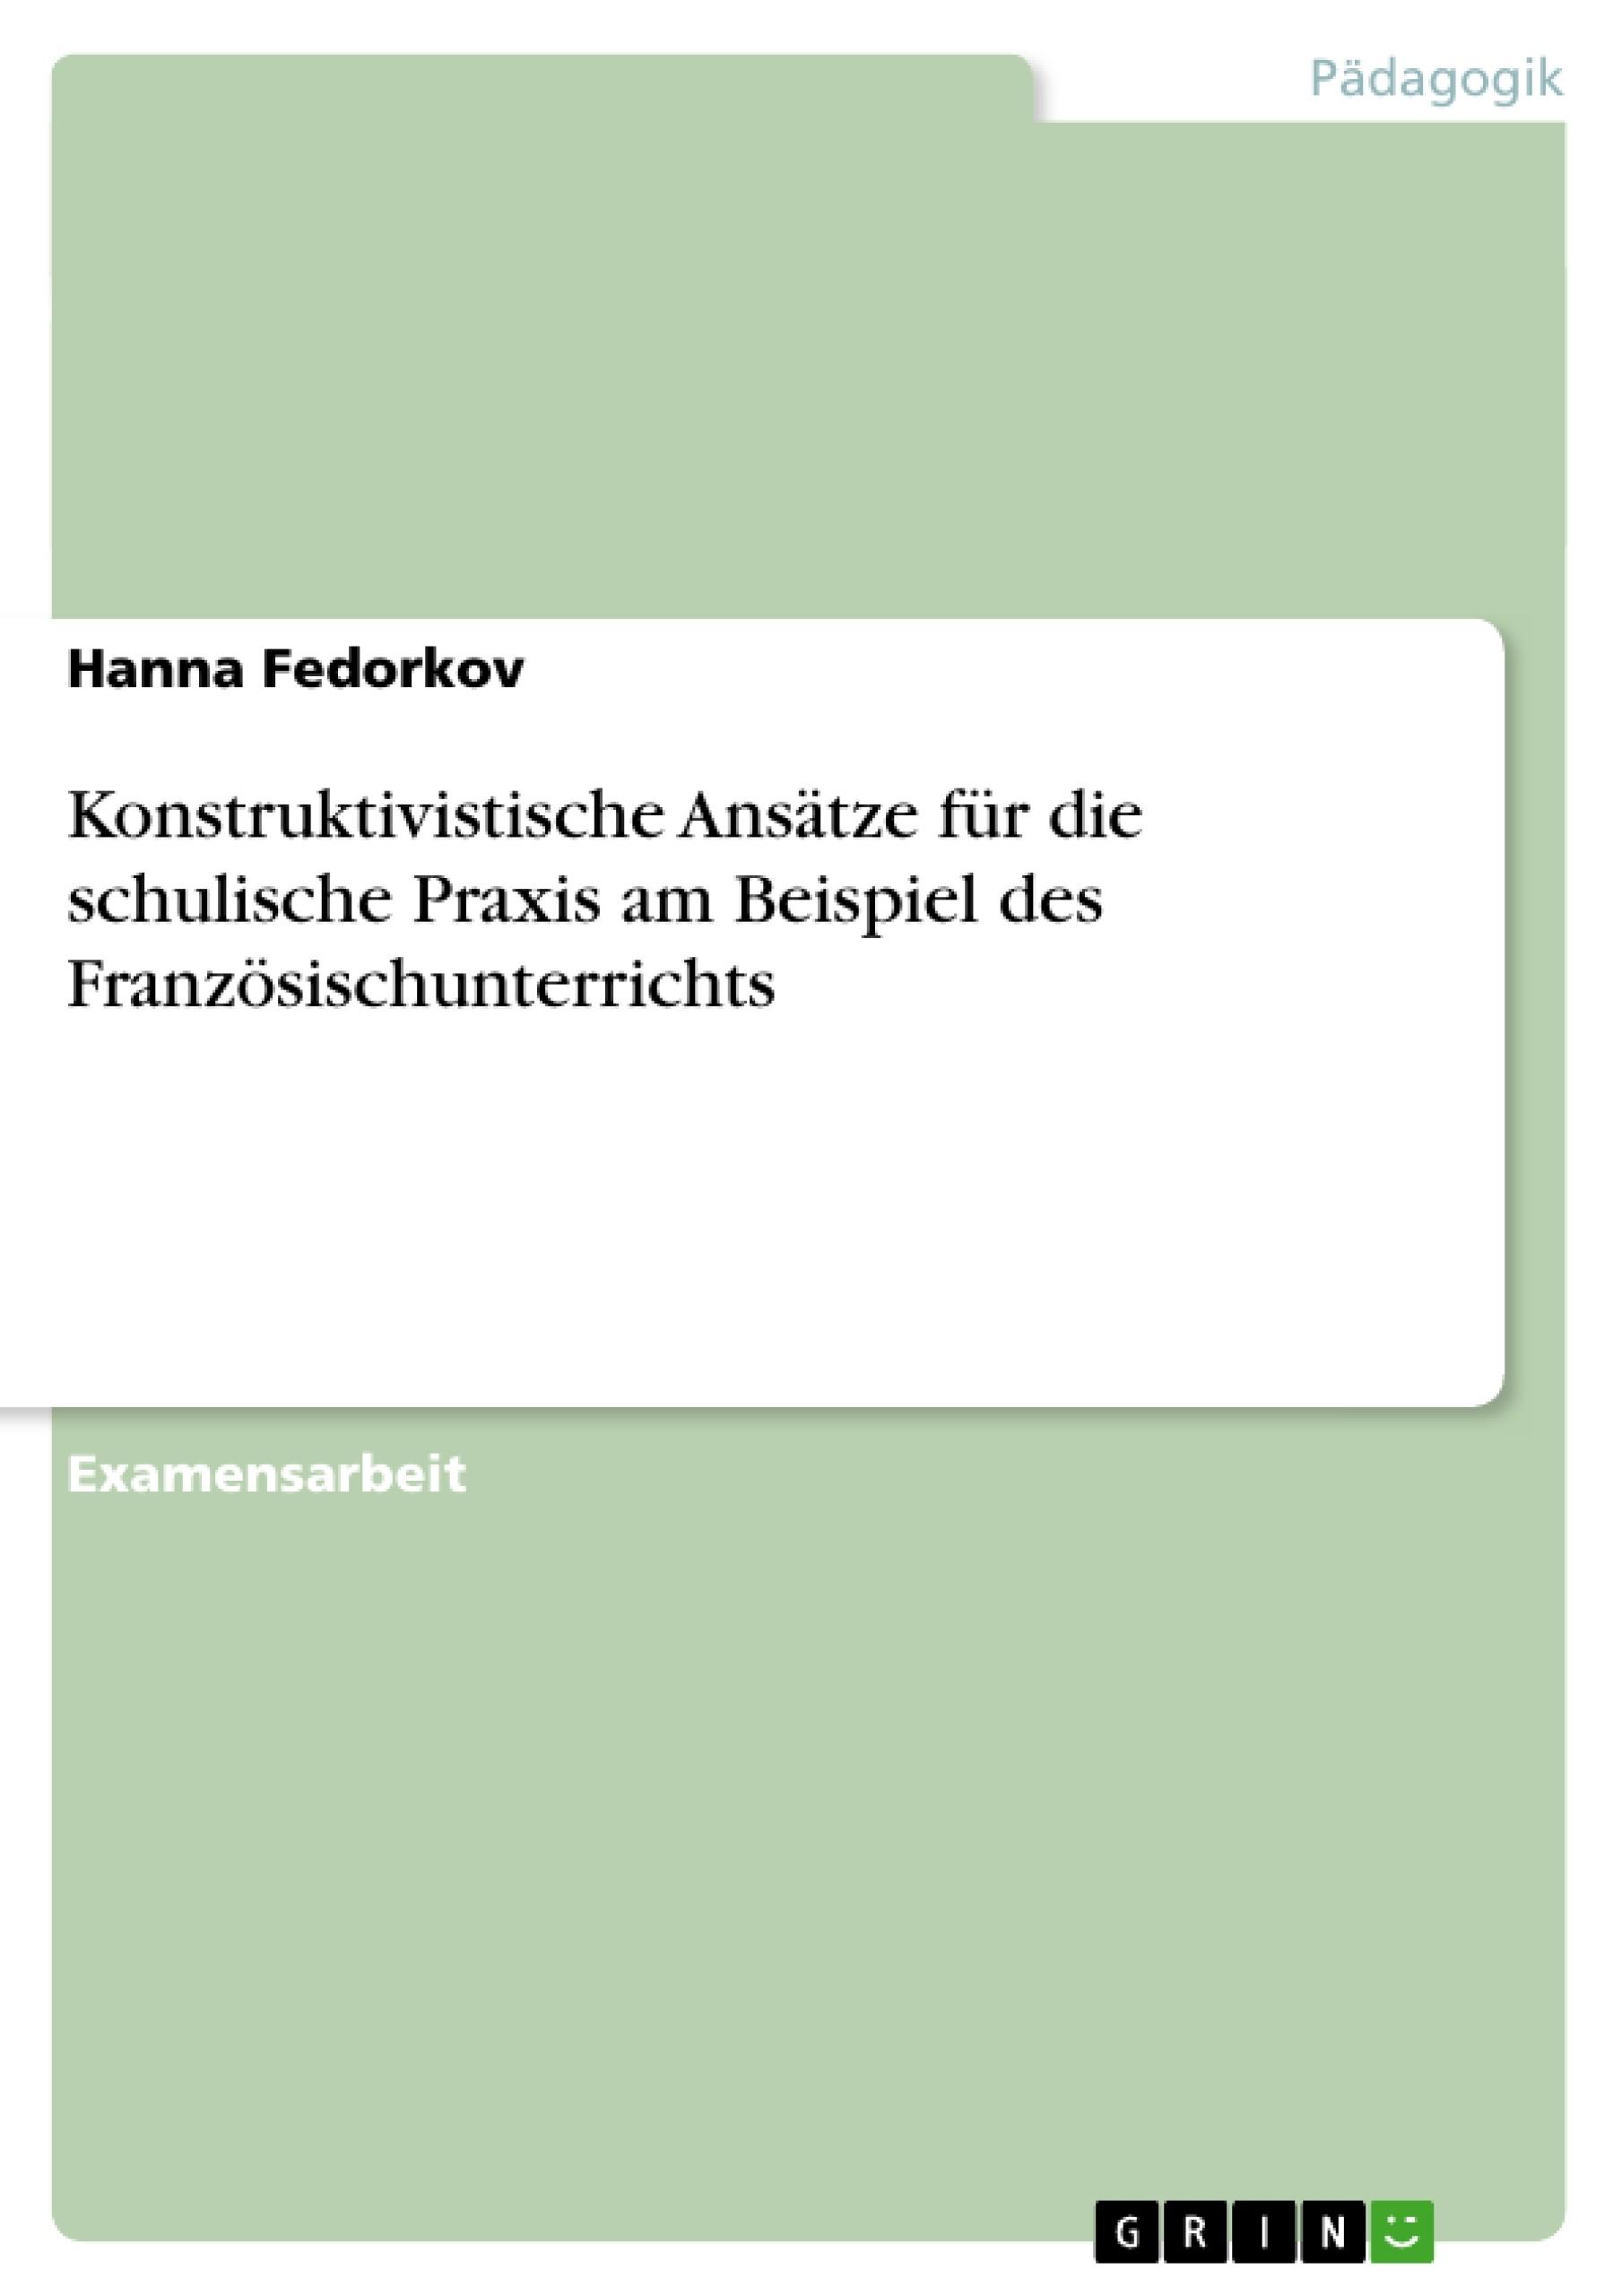 Titel: Konstruktivistische Ansätze für die schulische Praxis am Beispiel des Französischunterrichts